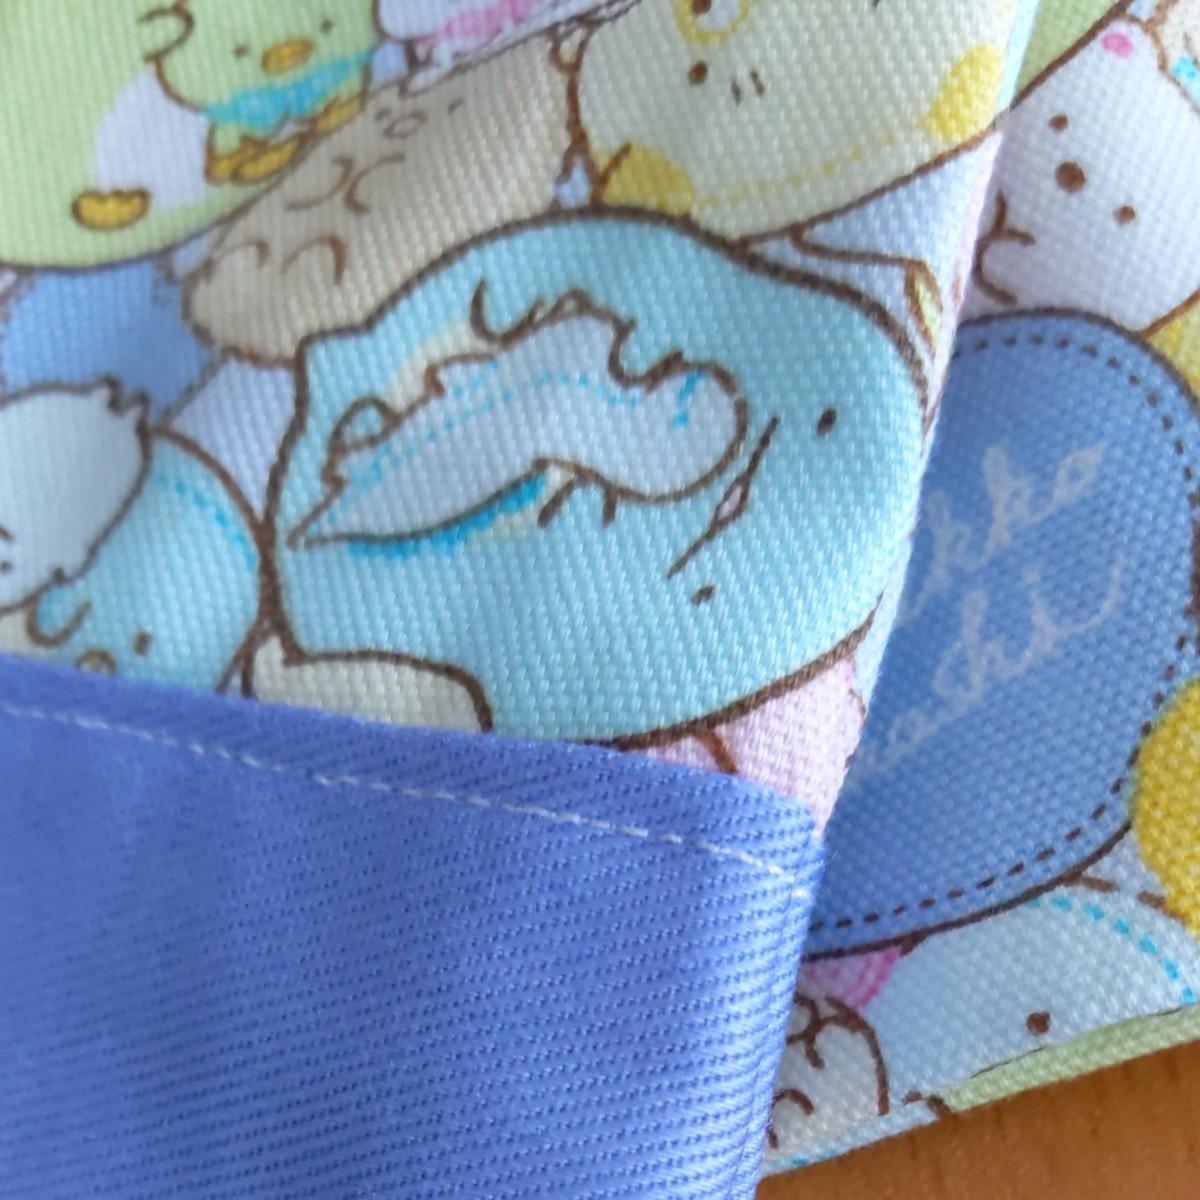 ハンドメイド 1枚仕立て 切り返し付きお弁当袋コップ袋セット  ランチバッグ 巾着 すみっコぐらし すみっこぐらし 幼稚園 保育園